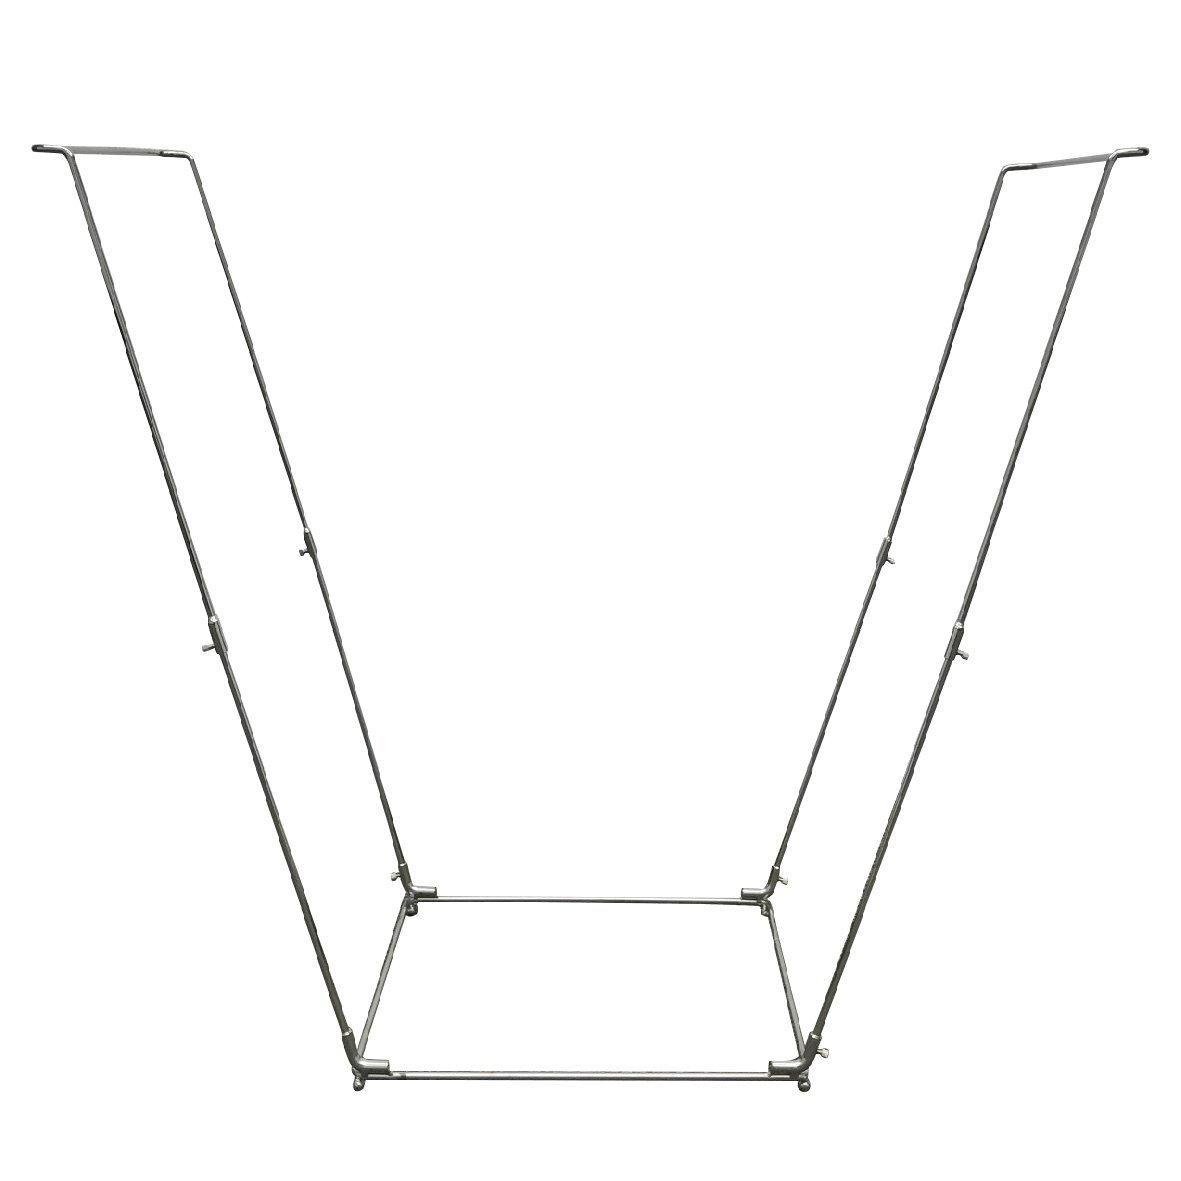 Get Quotations Easygo Trash Bag Holder Leaf Stand Multi Use Garbage Frame